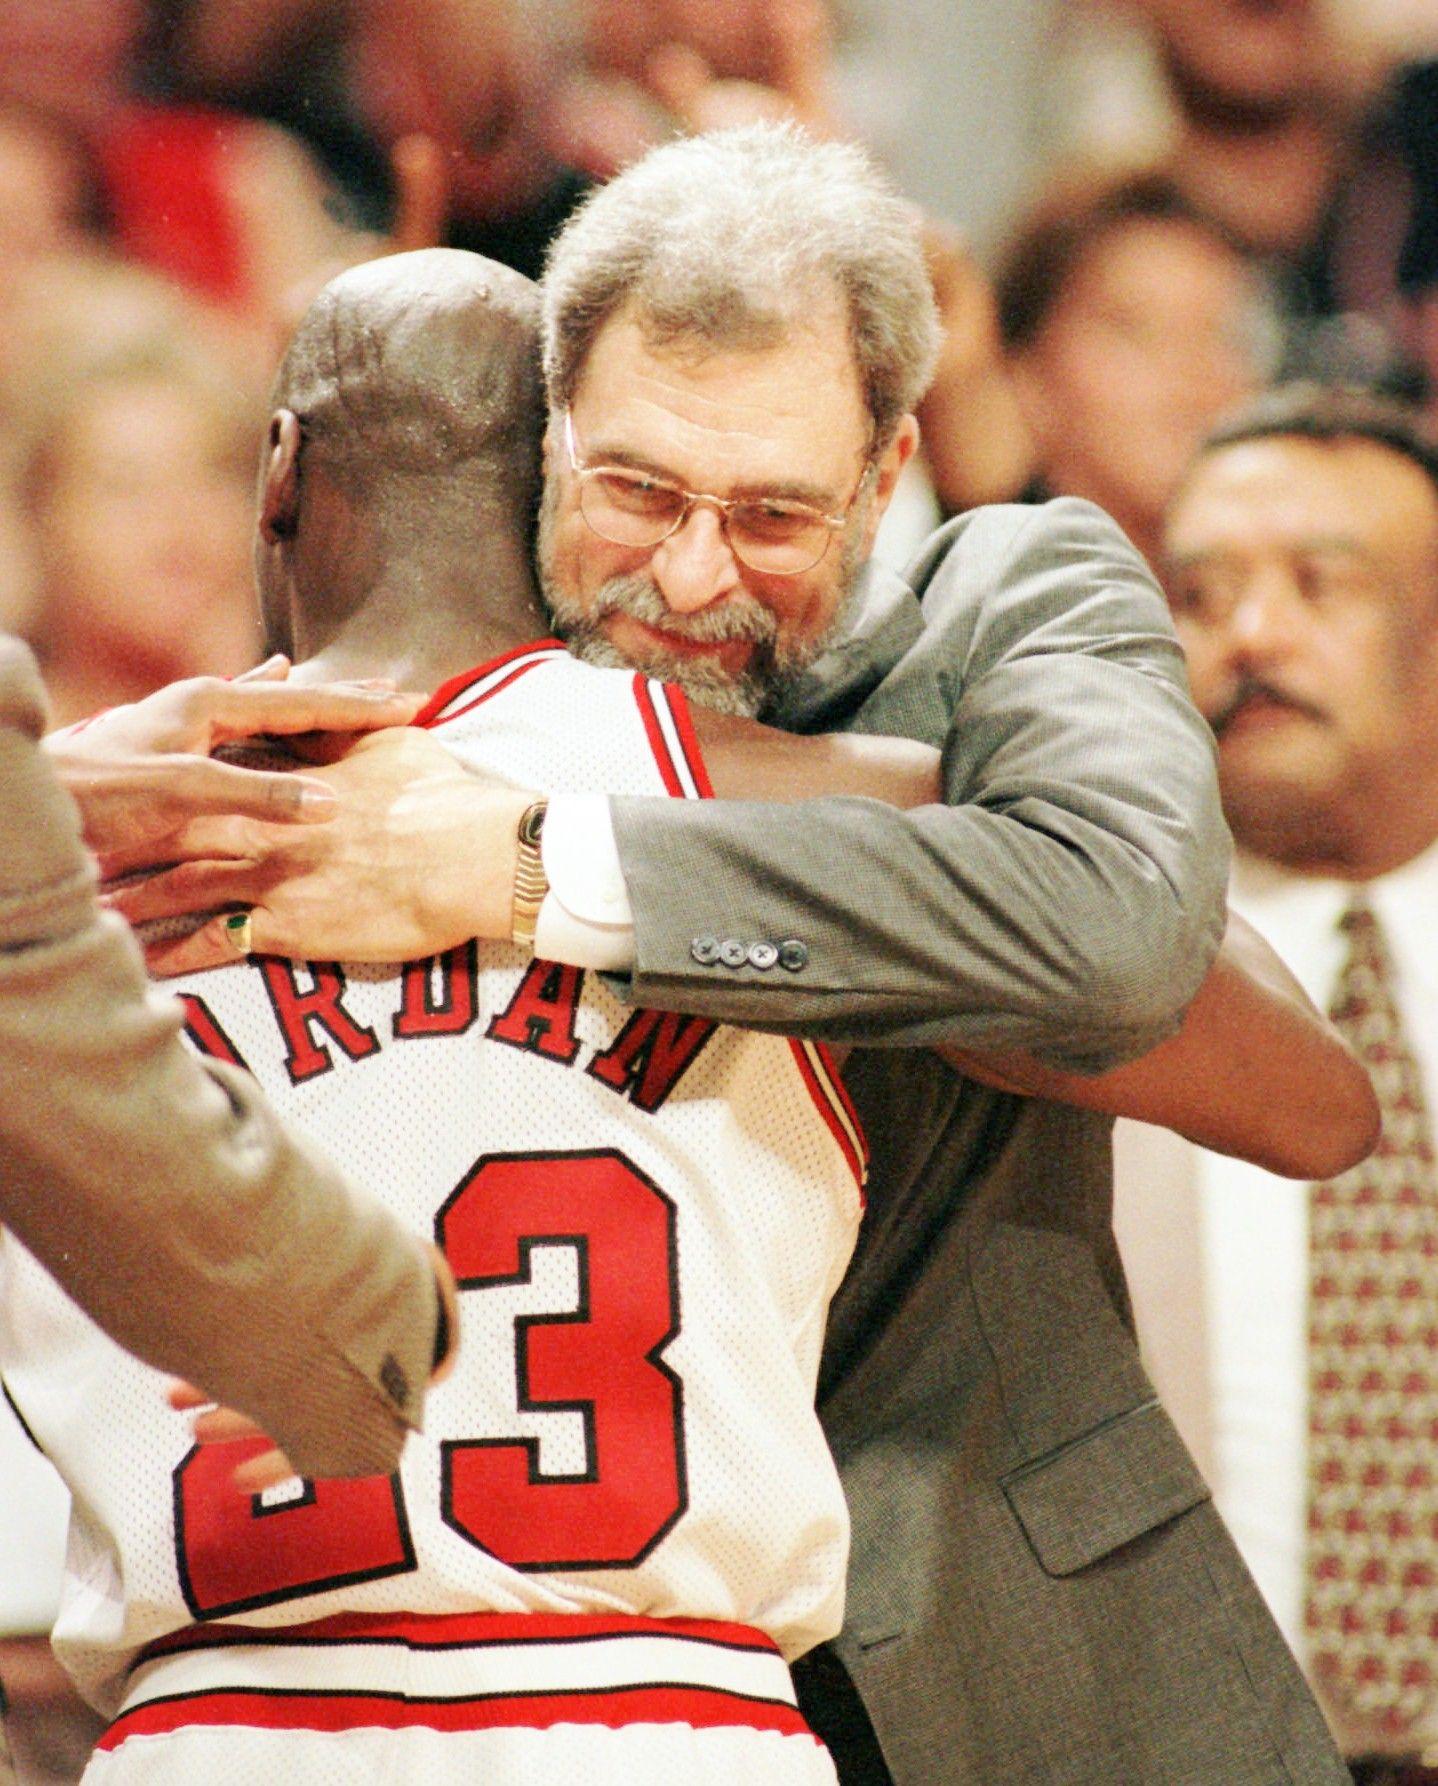 Jordan se abraza con su entrenador Phil Jackson, en el año 1996 - AP